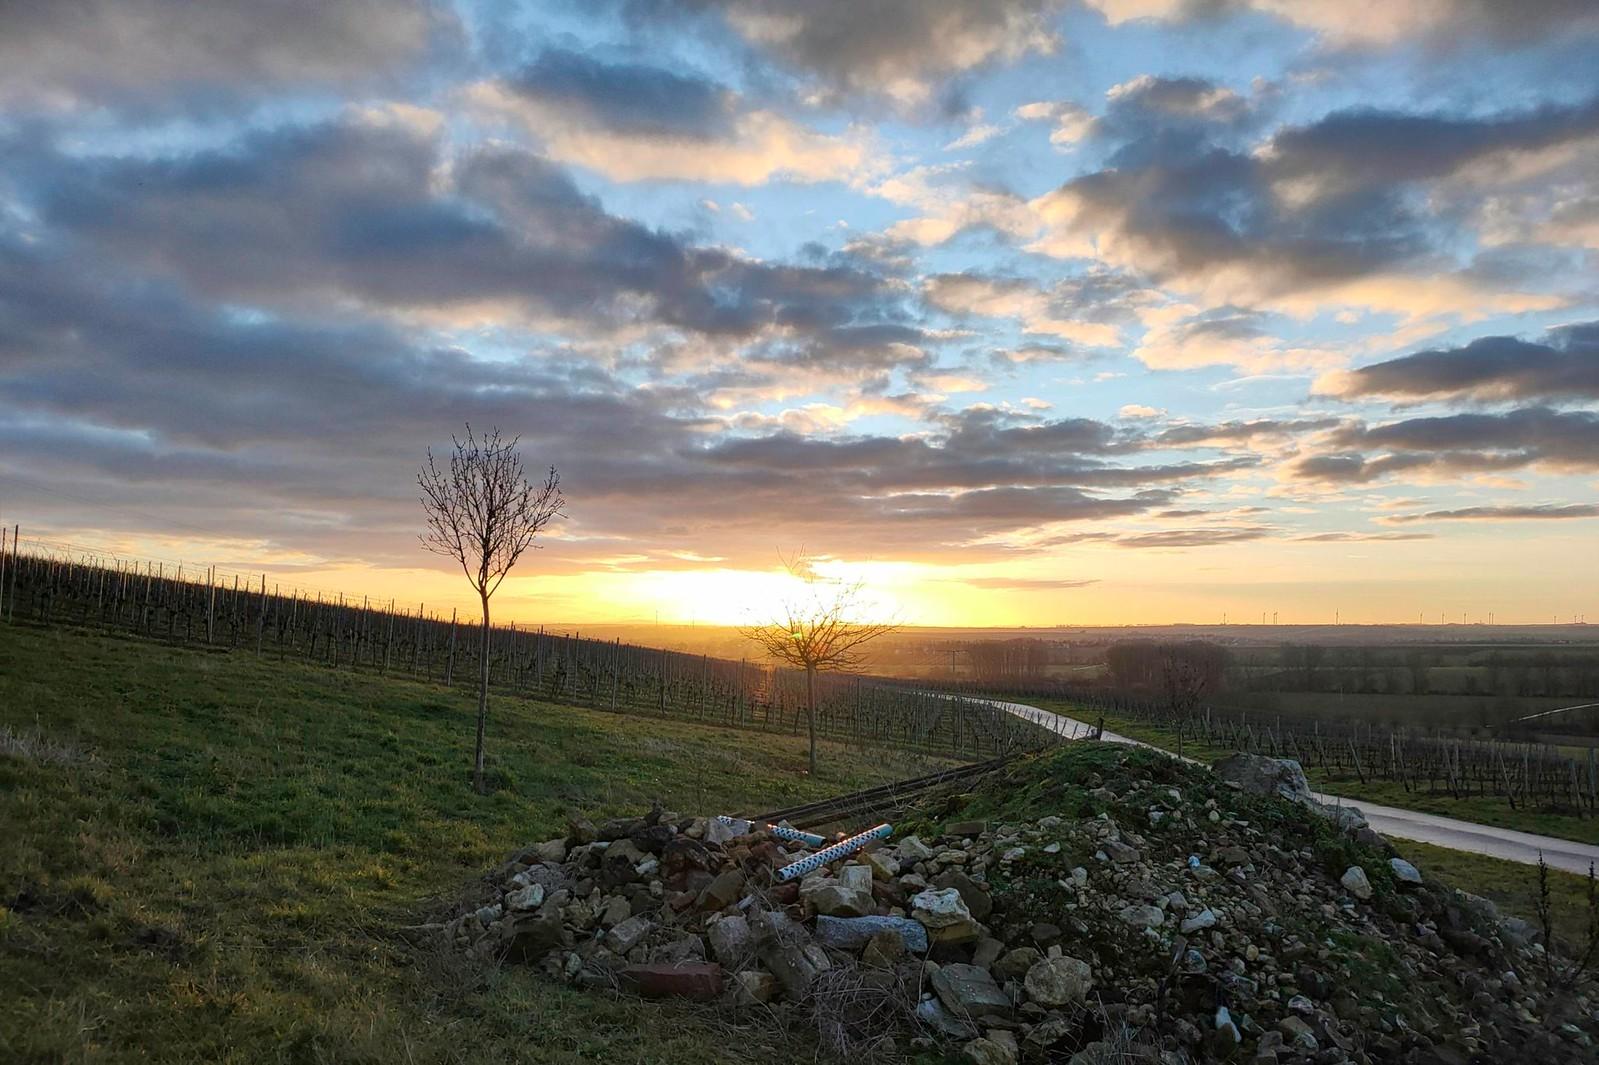 SunriseRun im Selztal mit Sonnenaufgang über dem Hahnheimer Bruch